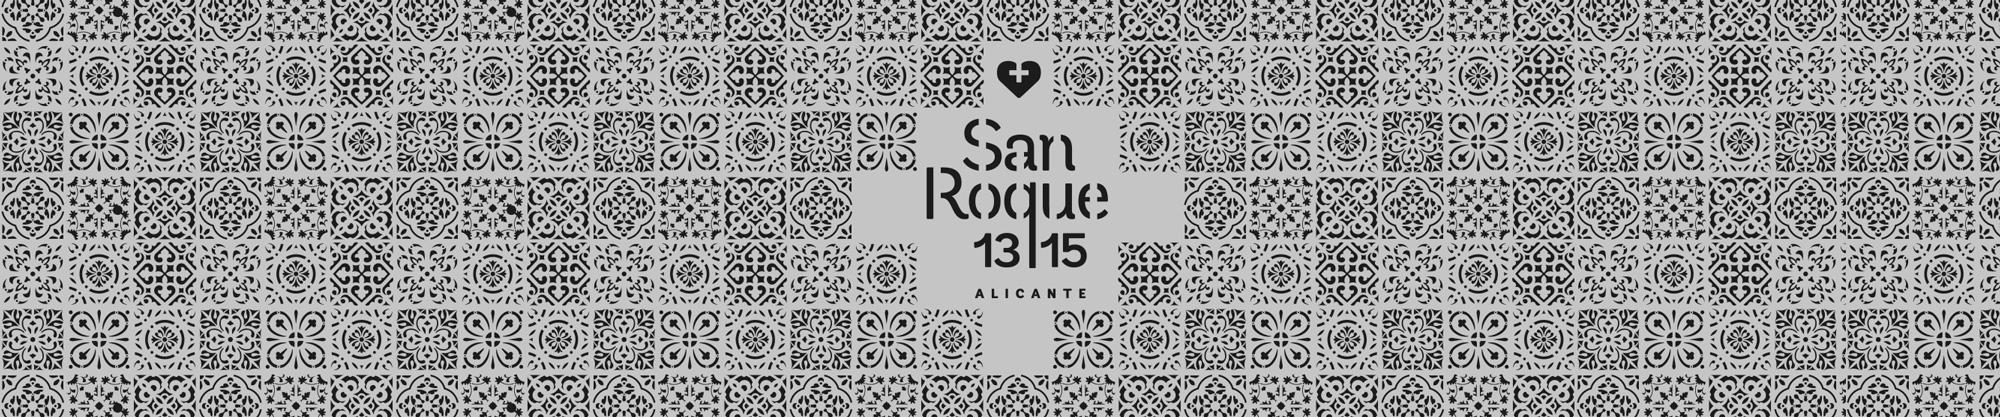 San Roque 13 15